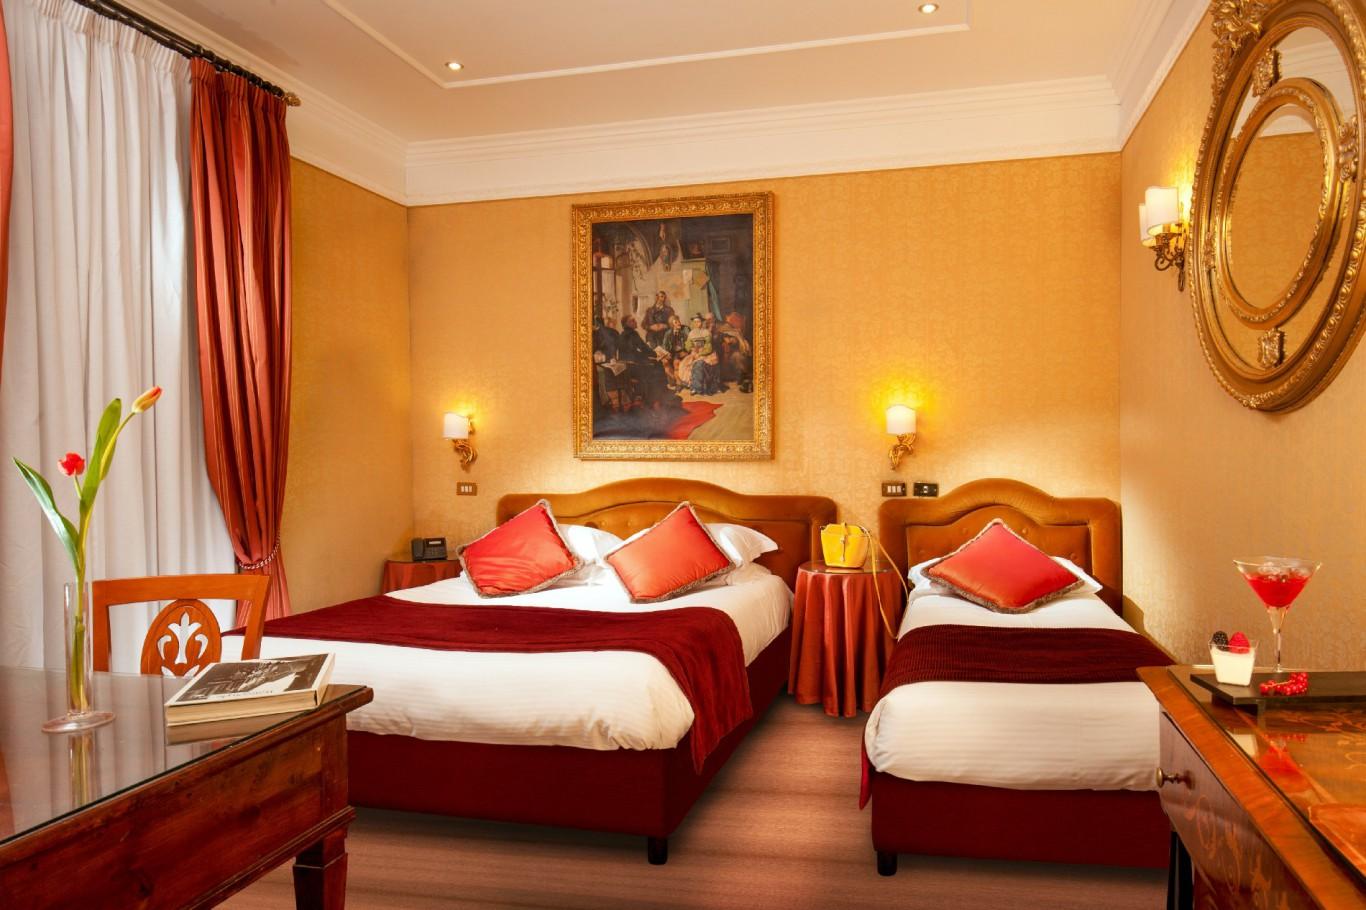 Hotel-Morgana-Roma-camera-deluxe1